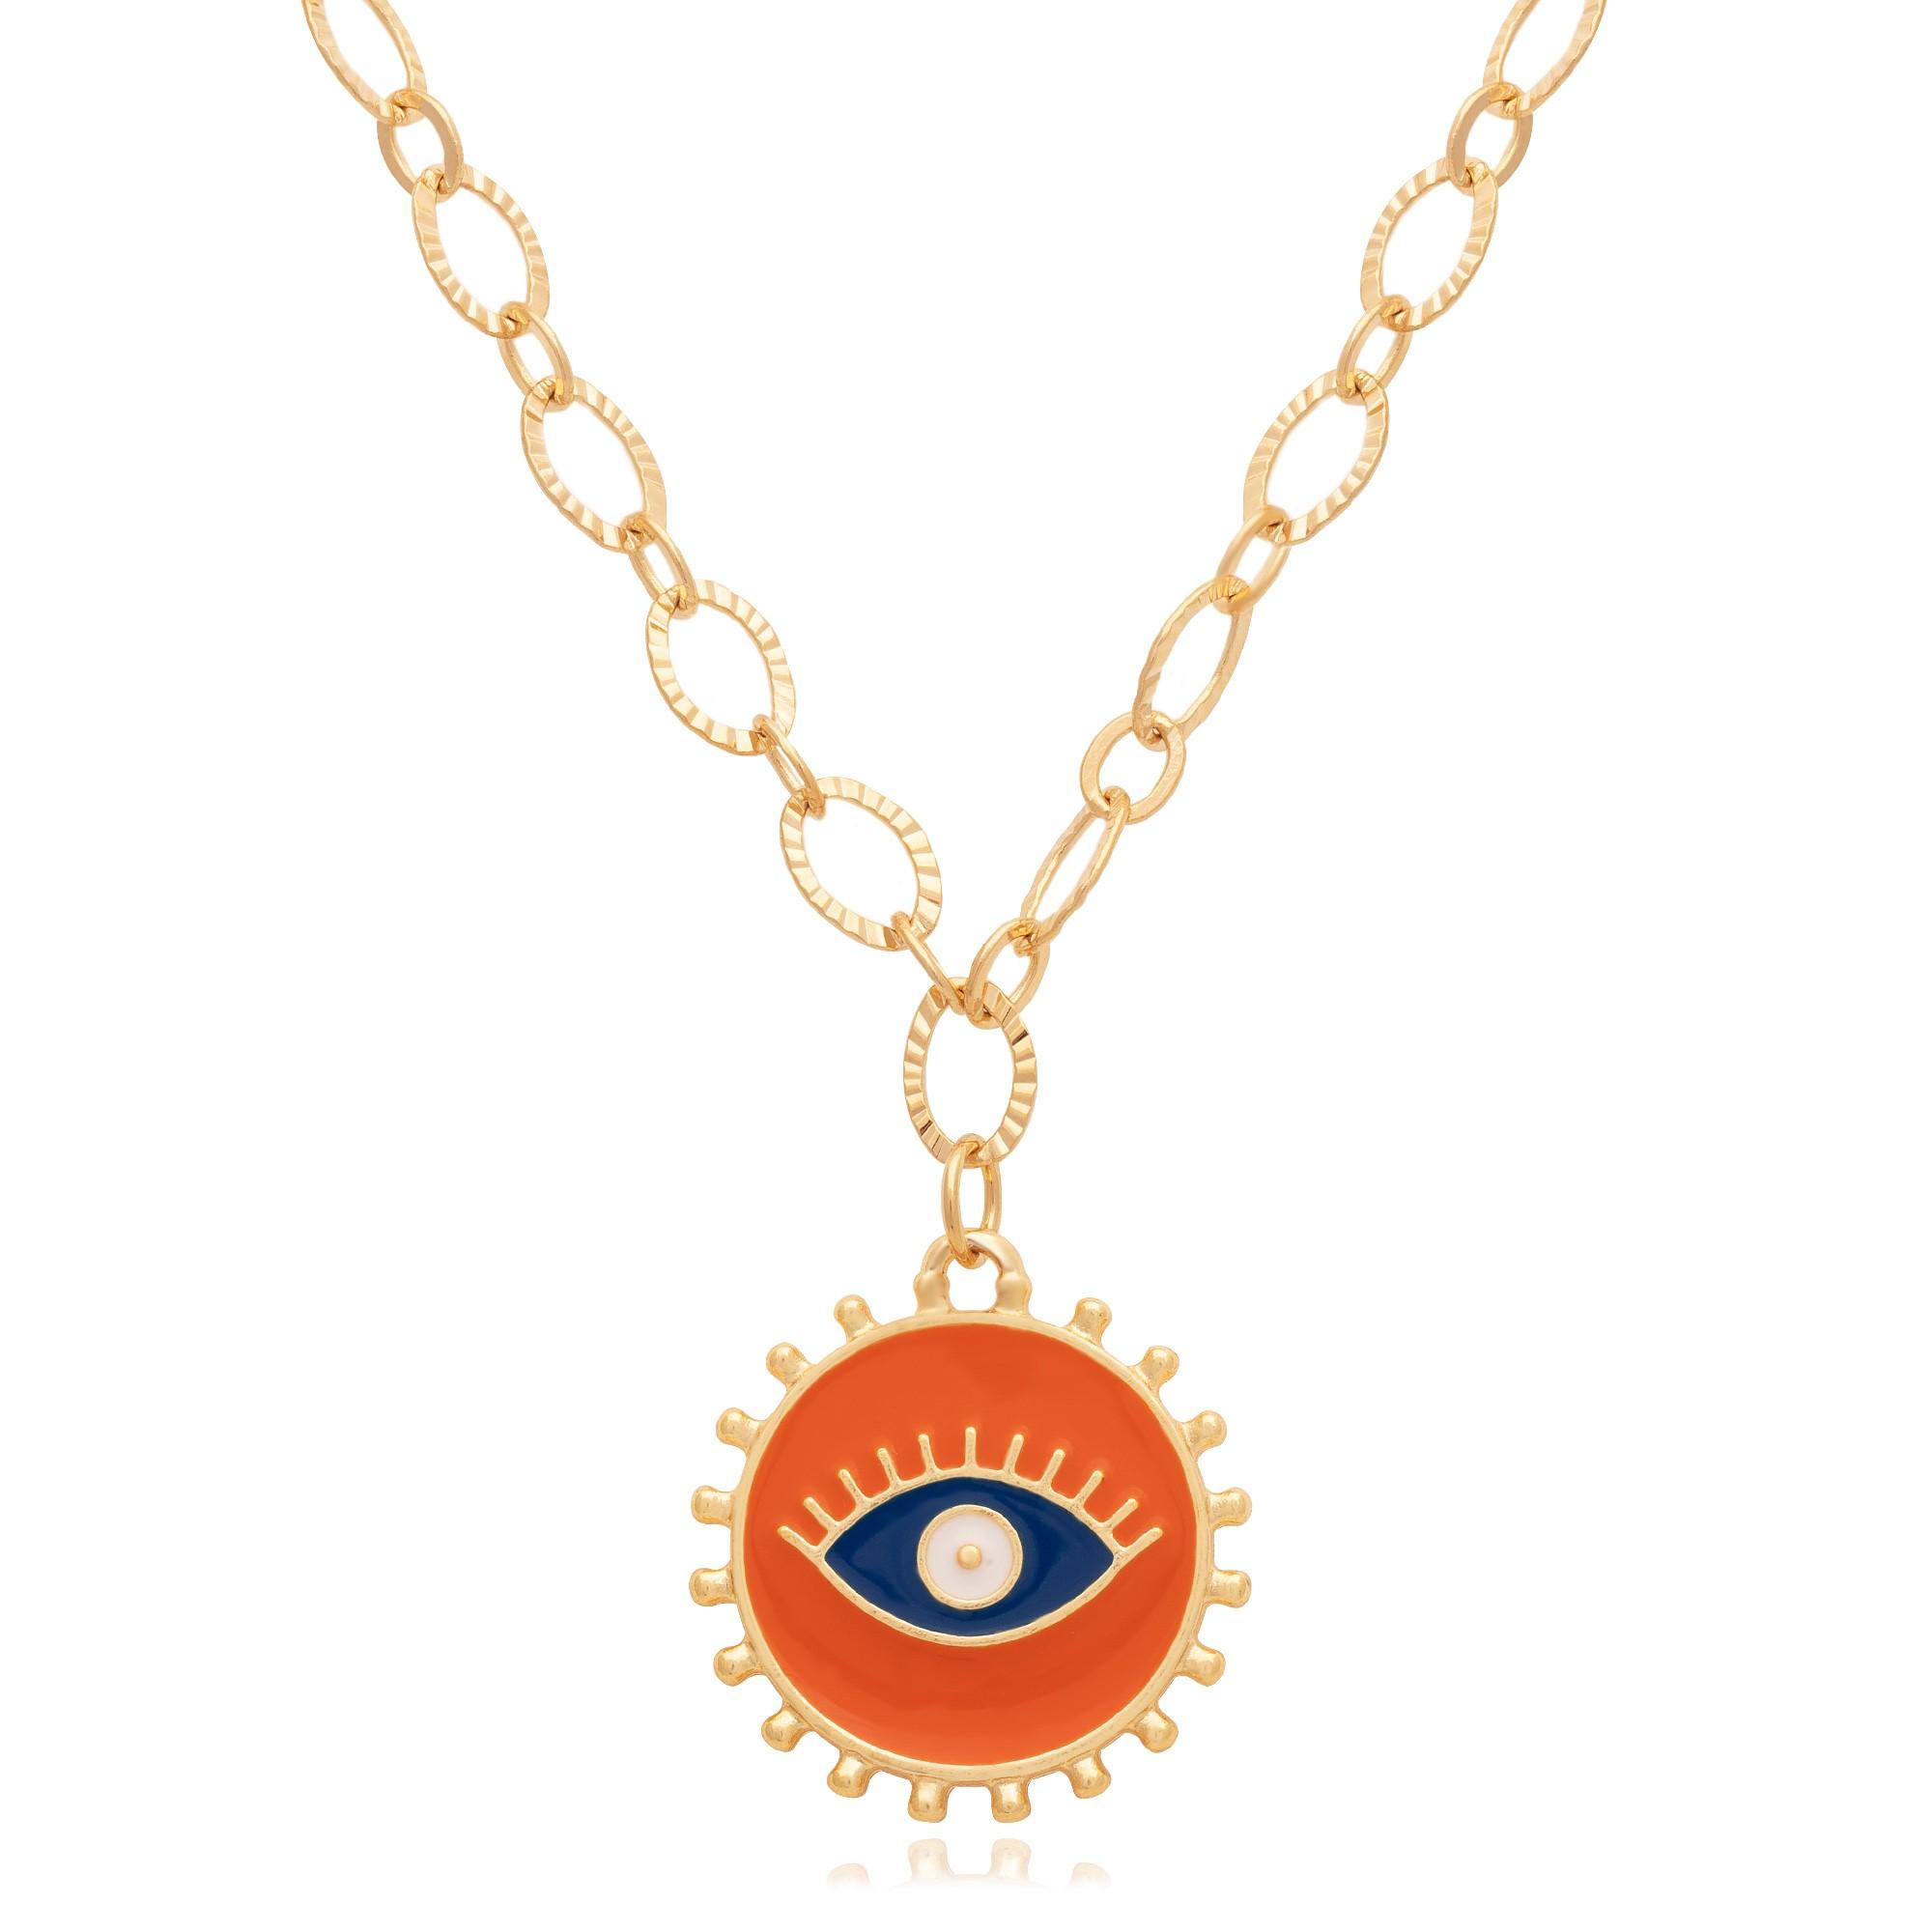 Colar banhado à ouro 18k com pingente olho grego laranja.  - romabrazil.com.br